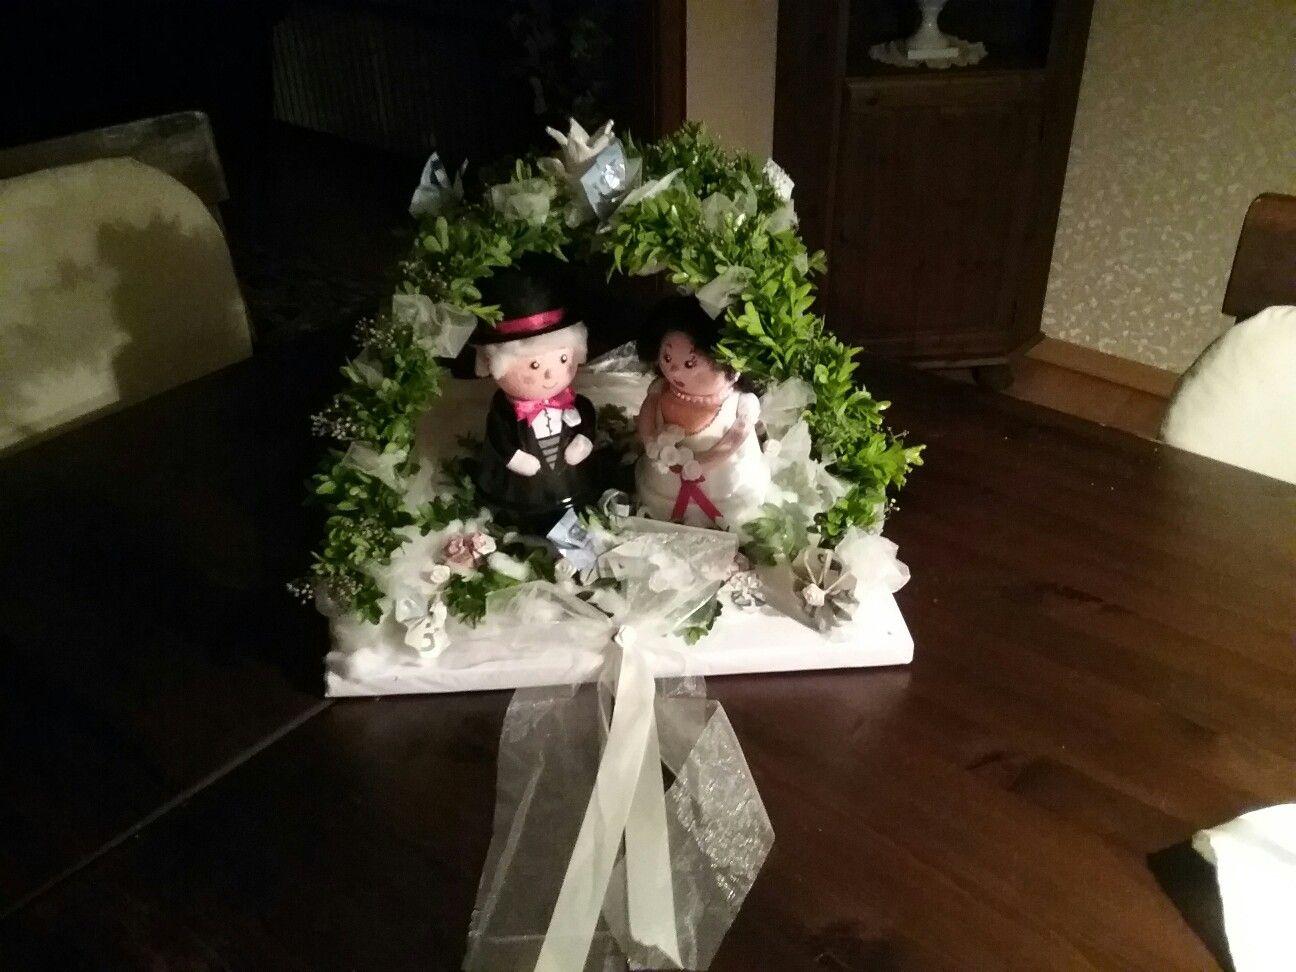 """Geldgeschenk zur weißen oder standesamtliche Hochzeit ..........❤  """" Die Braut vor Glück heute strahlt. Ein Anblick wie gemalt.    Es sprüht vor Lebenslust, mit Stolz geschwellter Brust der Bräutigam daneben.                        Hoch sollen beide leben! """"  💏"""